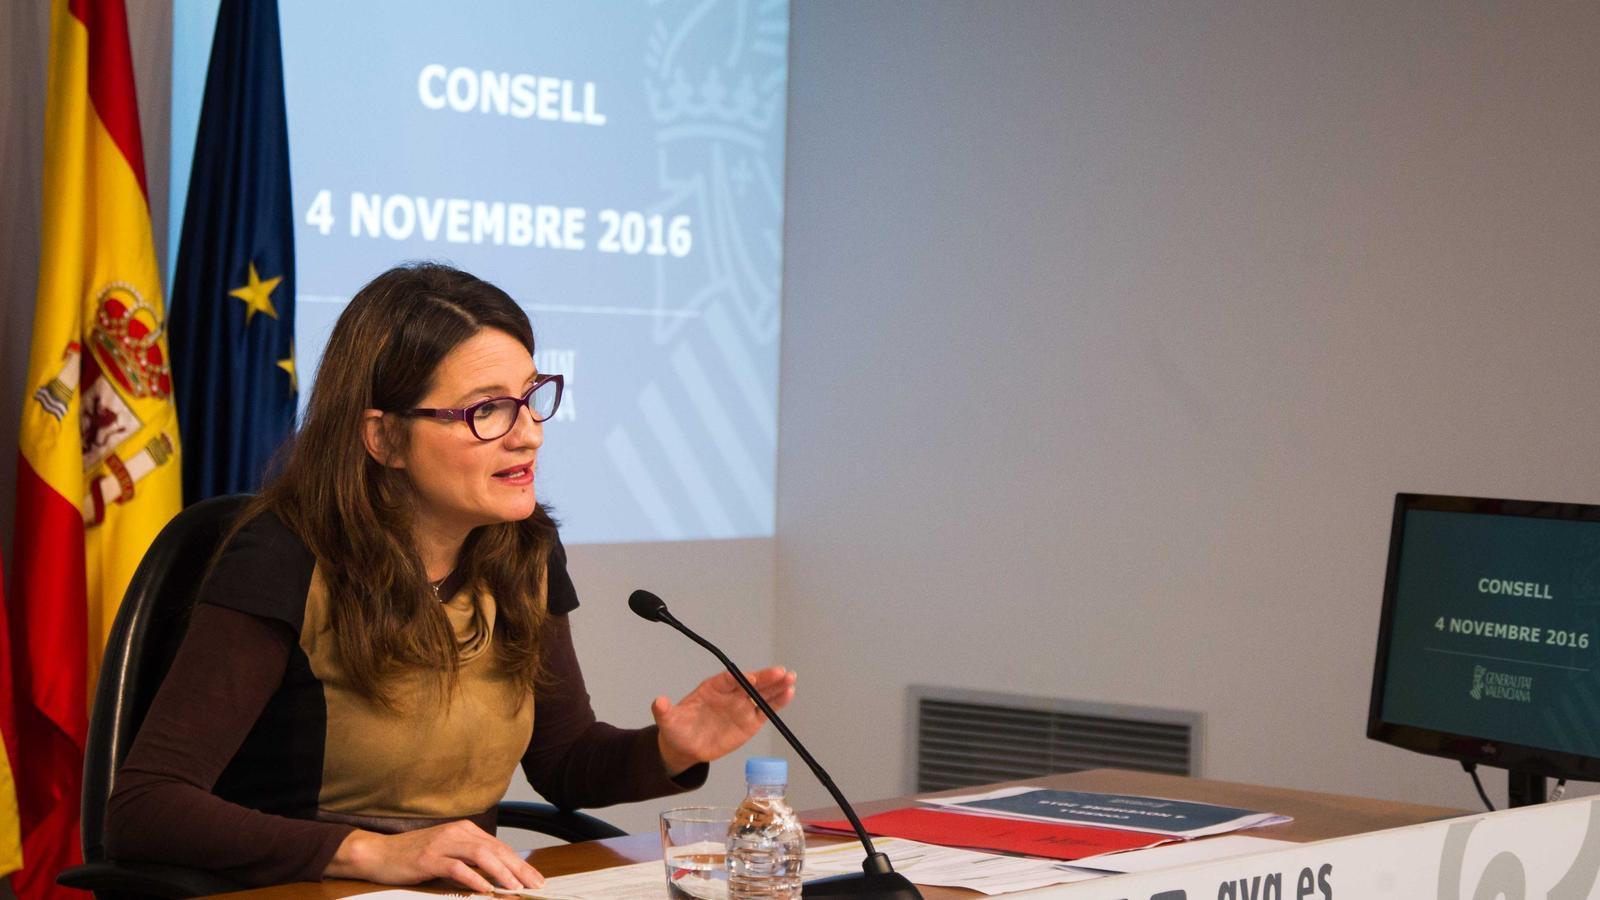 La vicepresidenta del govern valencià assegura que les detencions a Catalunya vulneren la Constitució